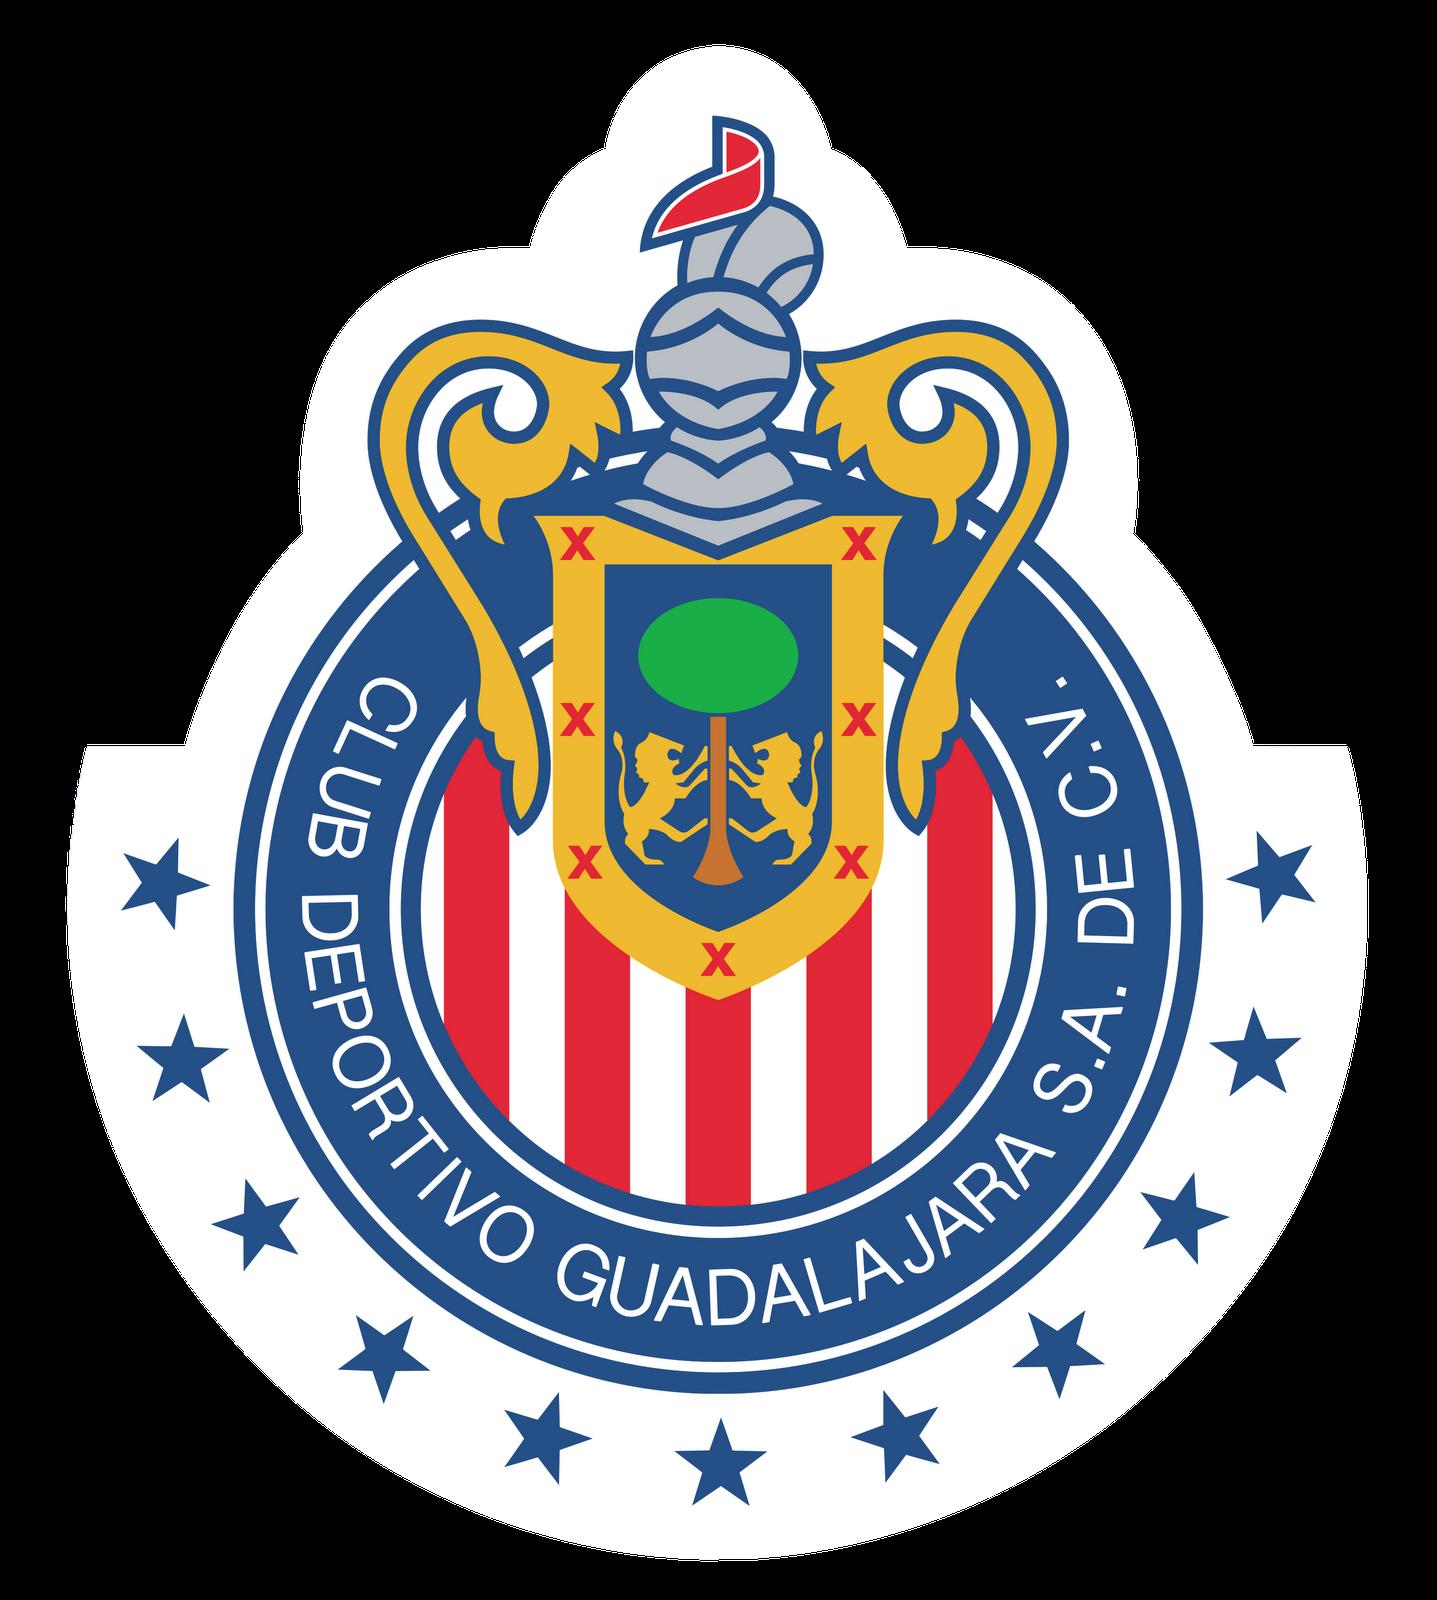 Chivas el equipo más valioso del futbol mexicano Excélsior - Imagenes De Equipos De Futbol Chivas